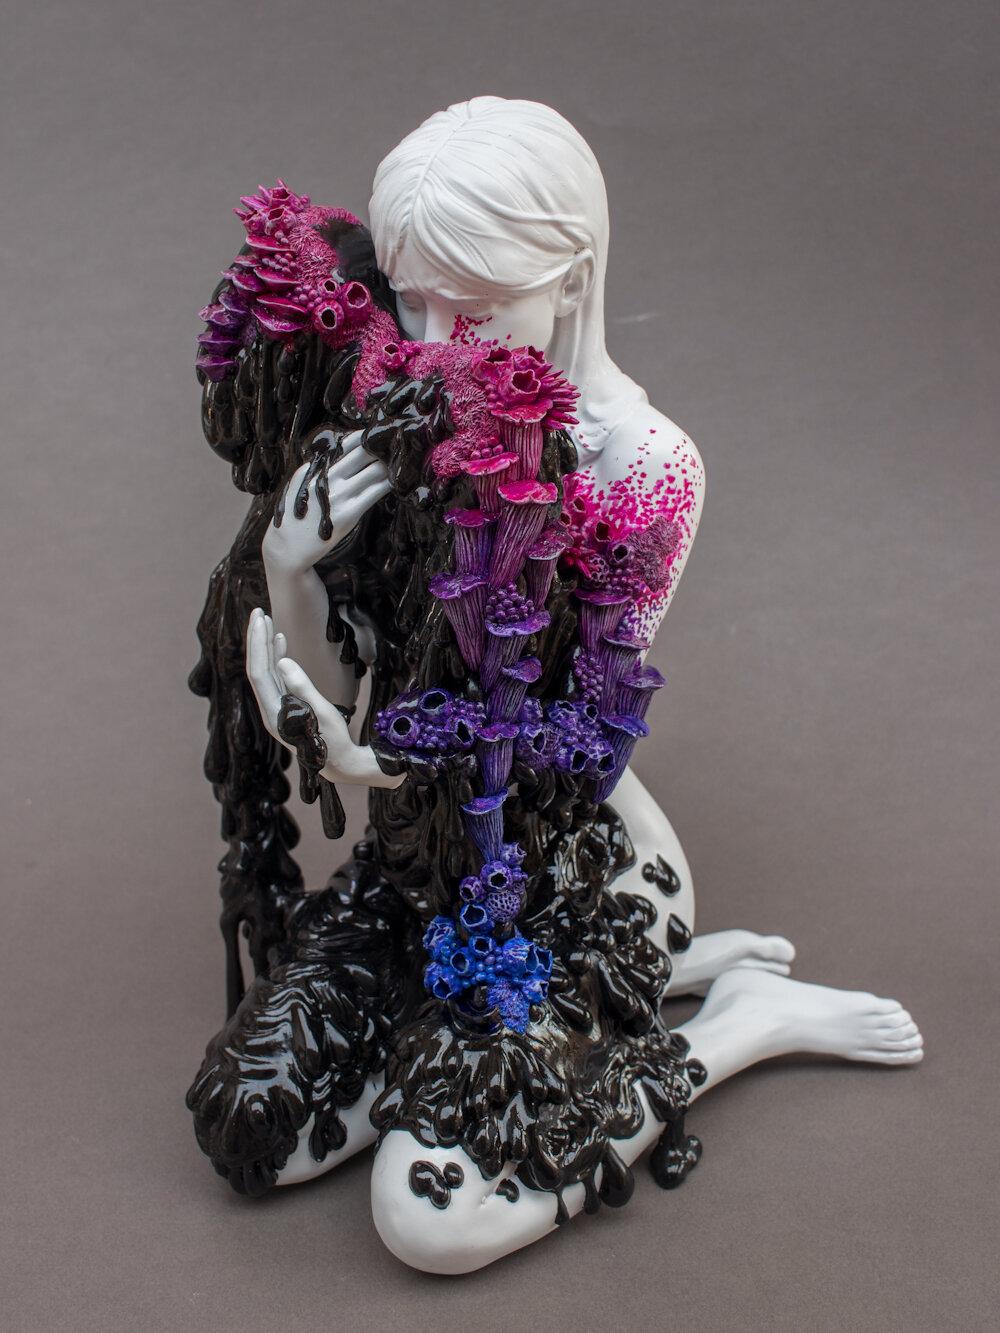 损失,限量雕塑版,迈尔斯·约翰斯顿和斯蒂芬妮·基尔加斯特之间的合作,2019年